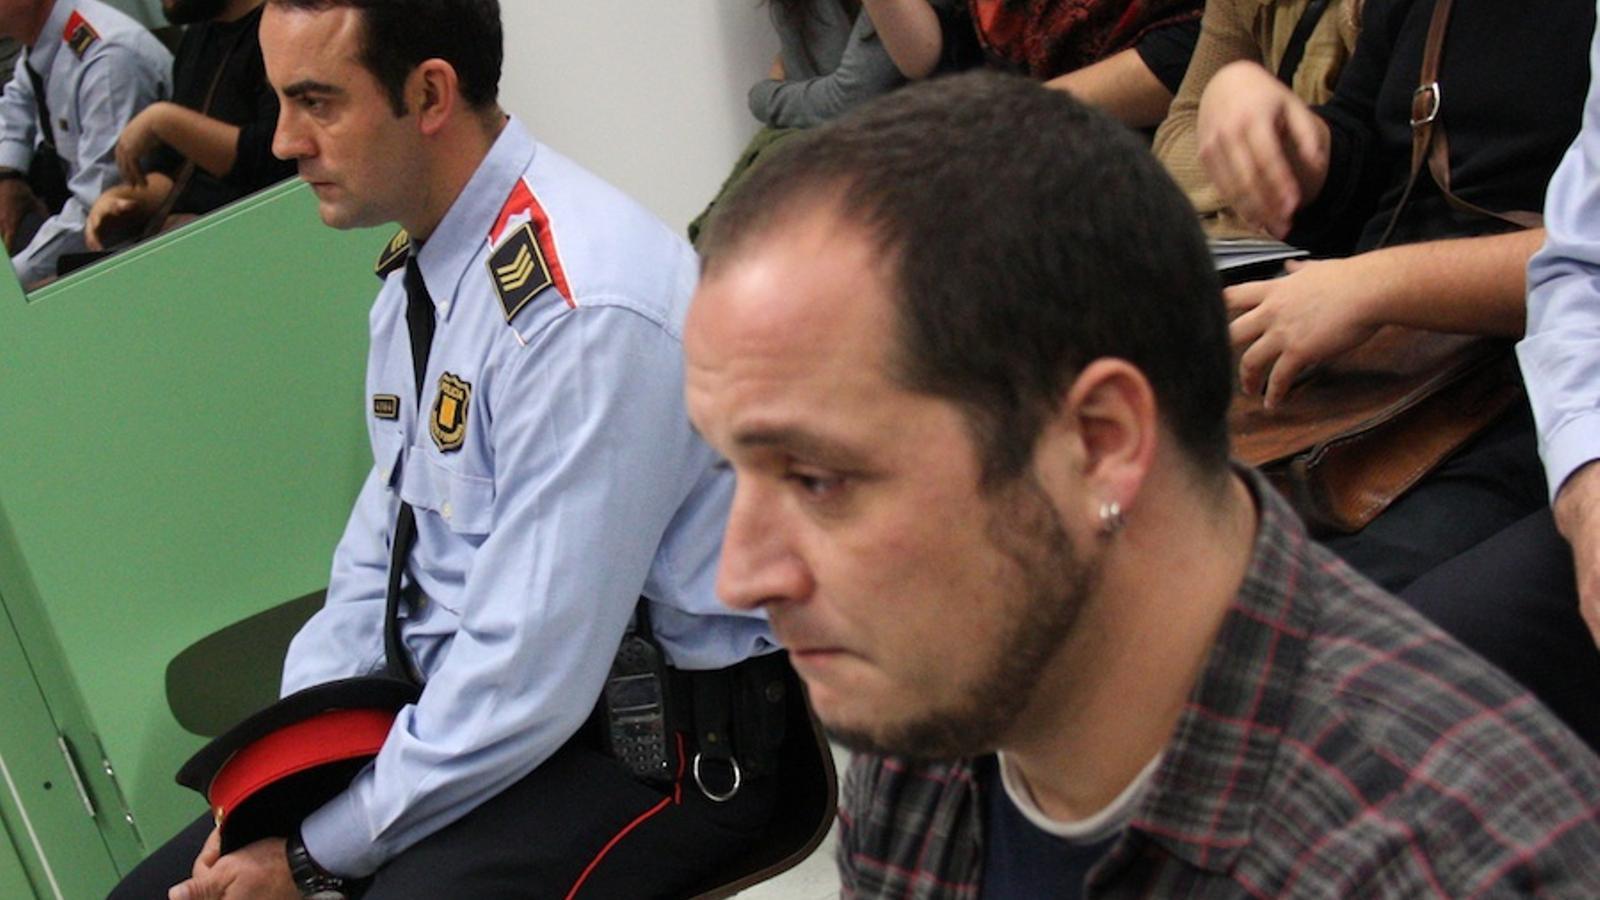 L'Audiència de Barcelona condemna el mosso que va pegar David Fernàndez